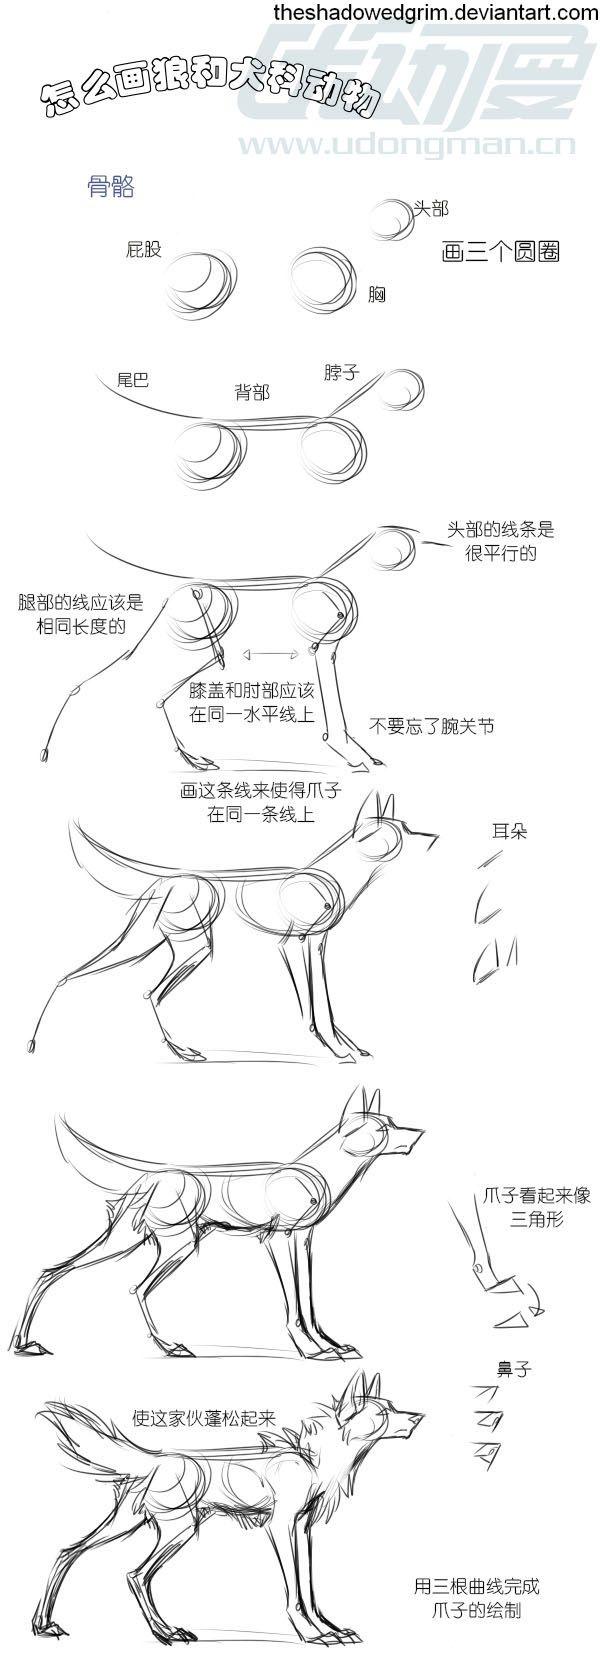 画狼的步骤图片